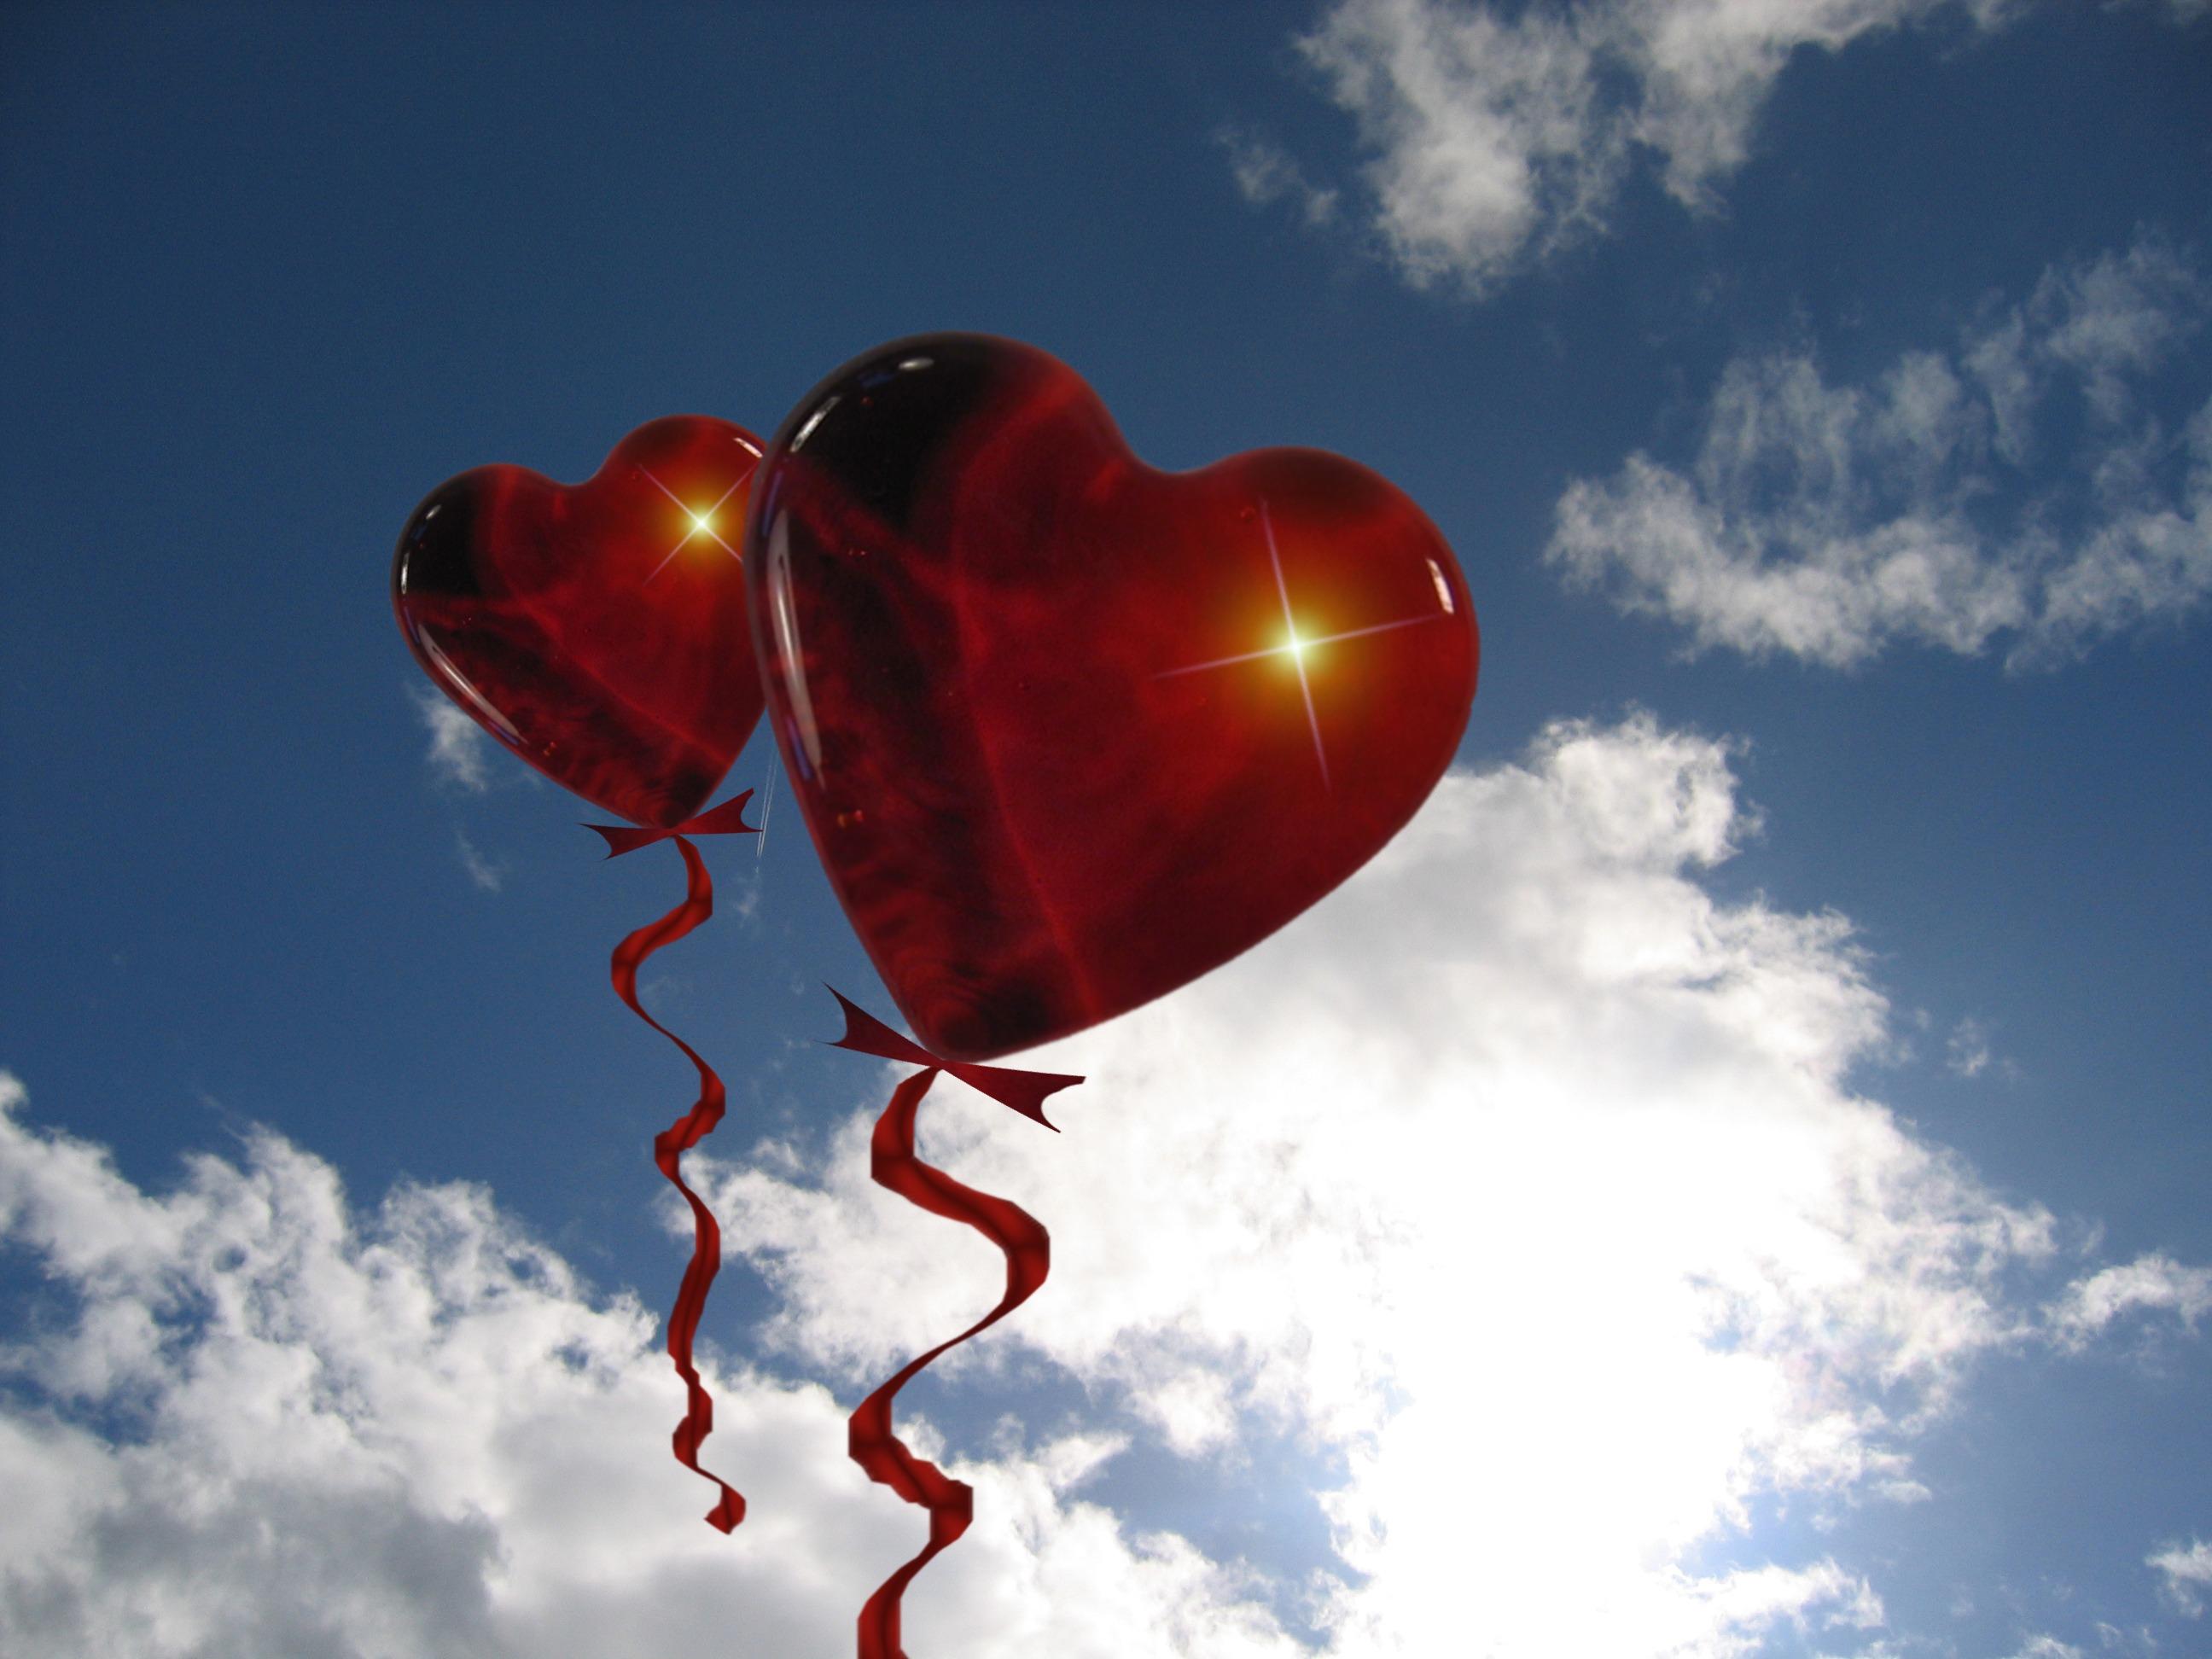 balloon-66306